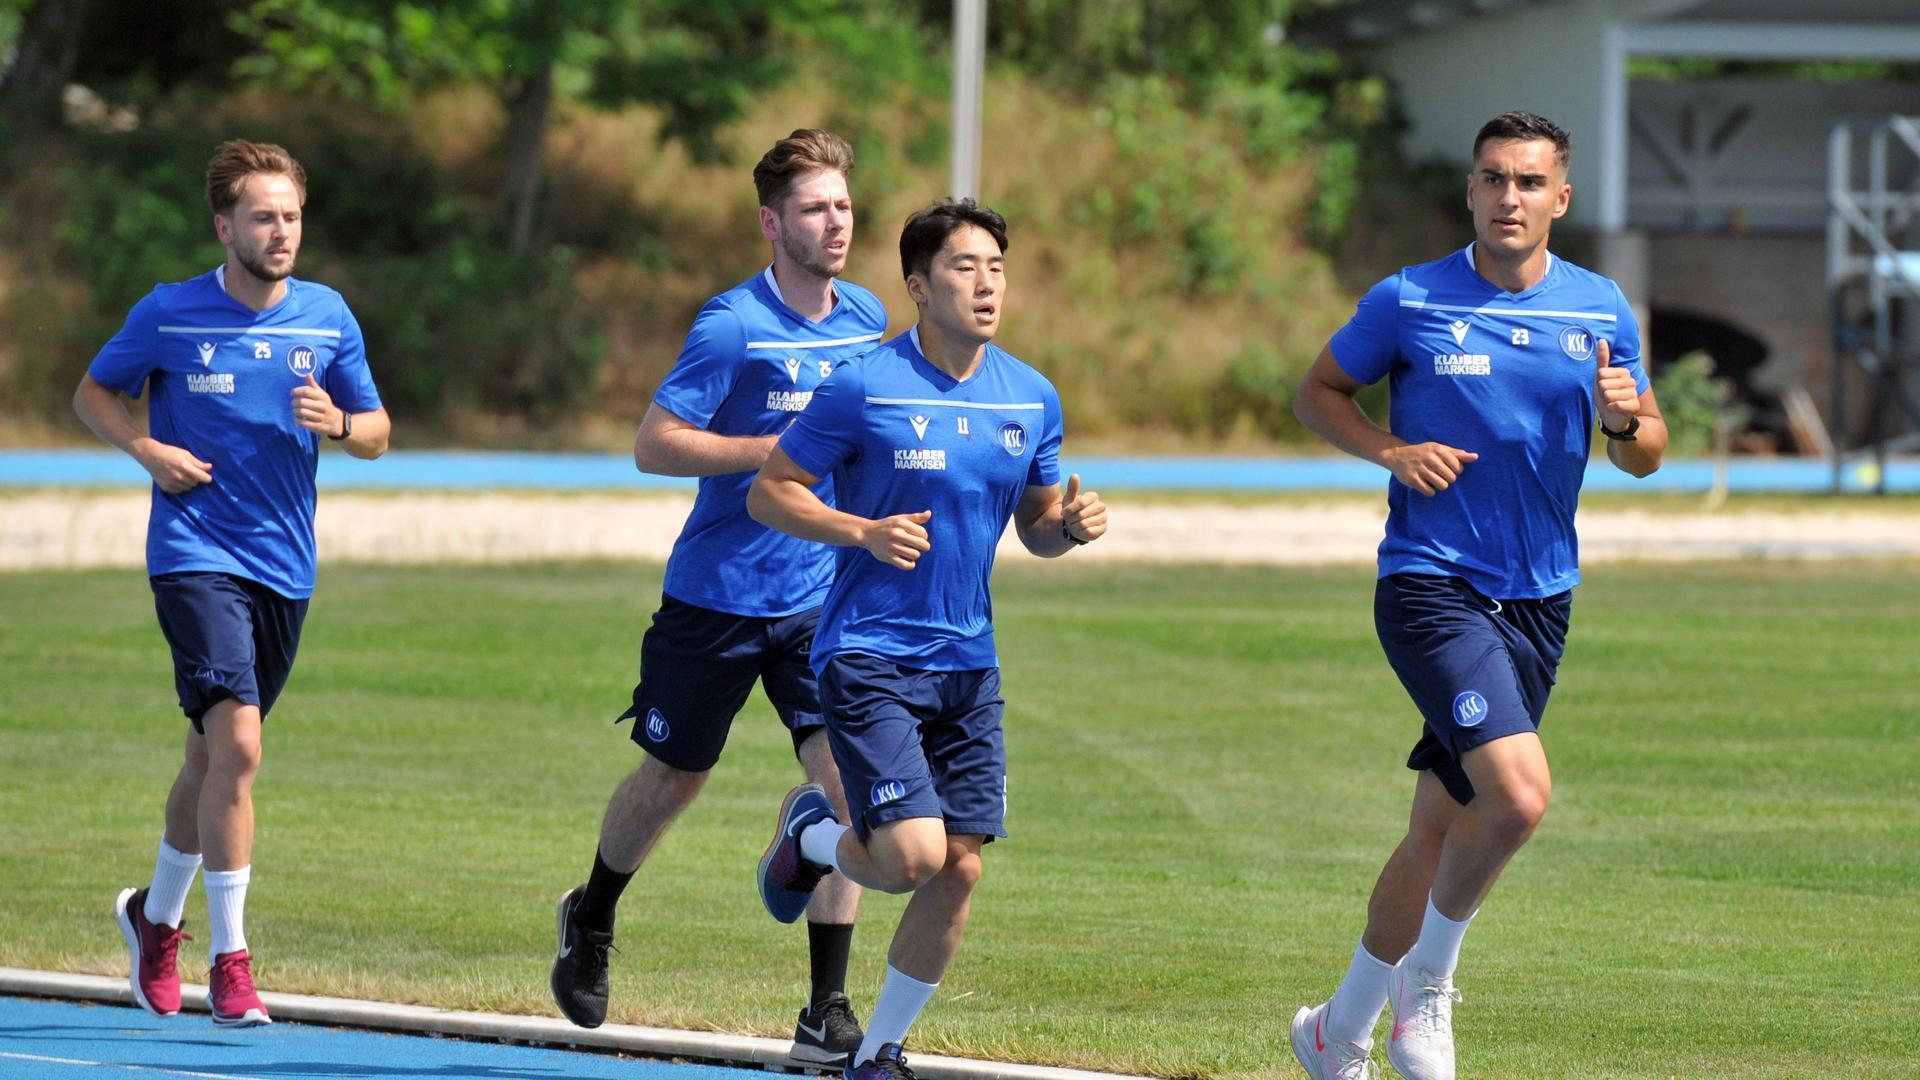 Fitnesstests am KIT: Die KSC-Neuzugänge Leon Jensen, Lucas Cueto, Kyoung-Rok Choi und Dirk Carlson drehen am Freitagmittag ihre Runden.